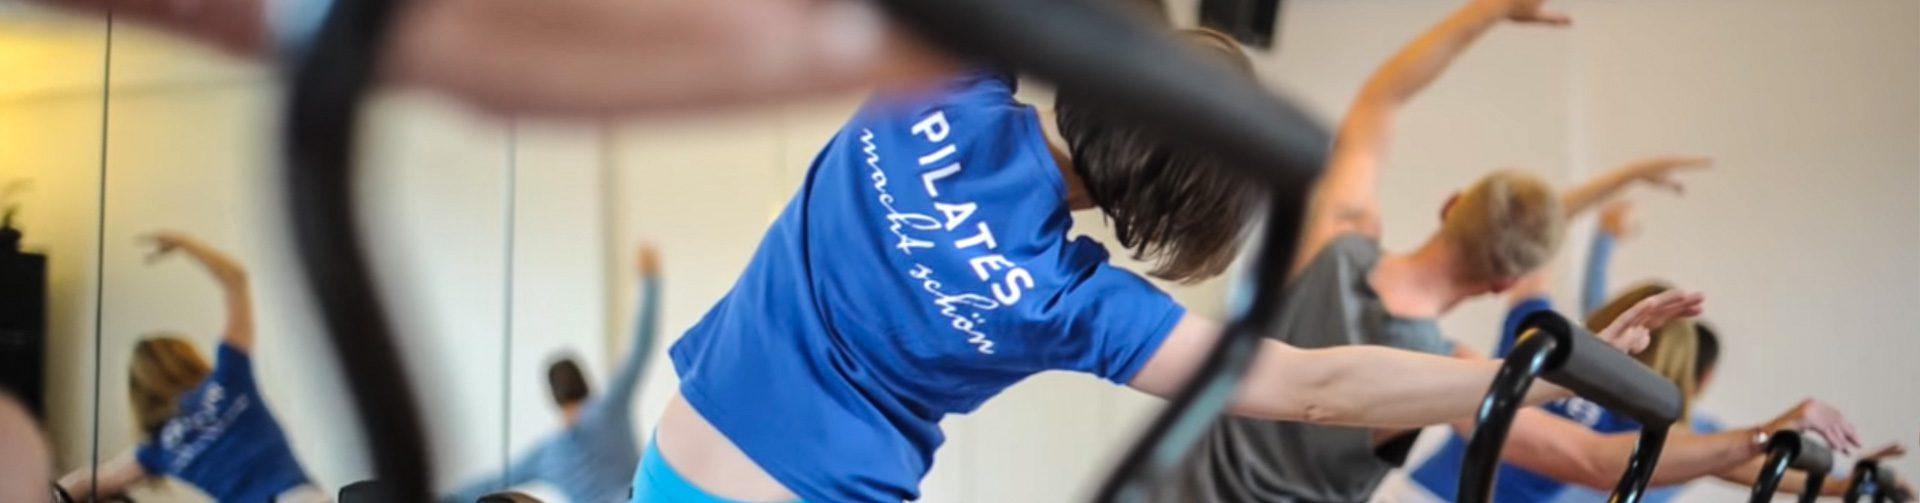 Pilates - Blaue Stunde Fulda